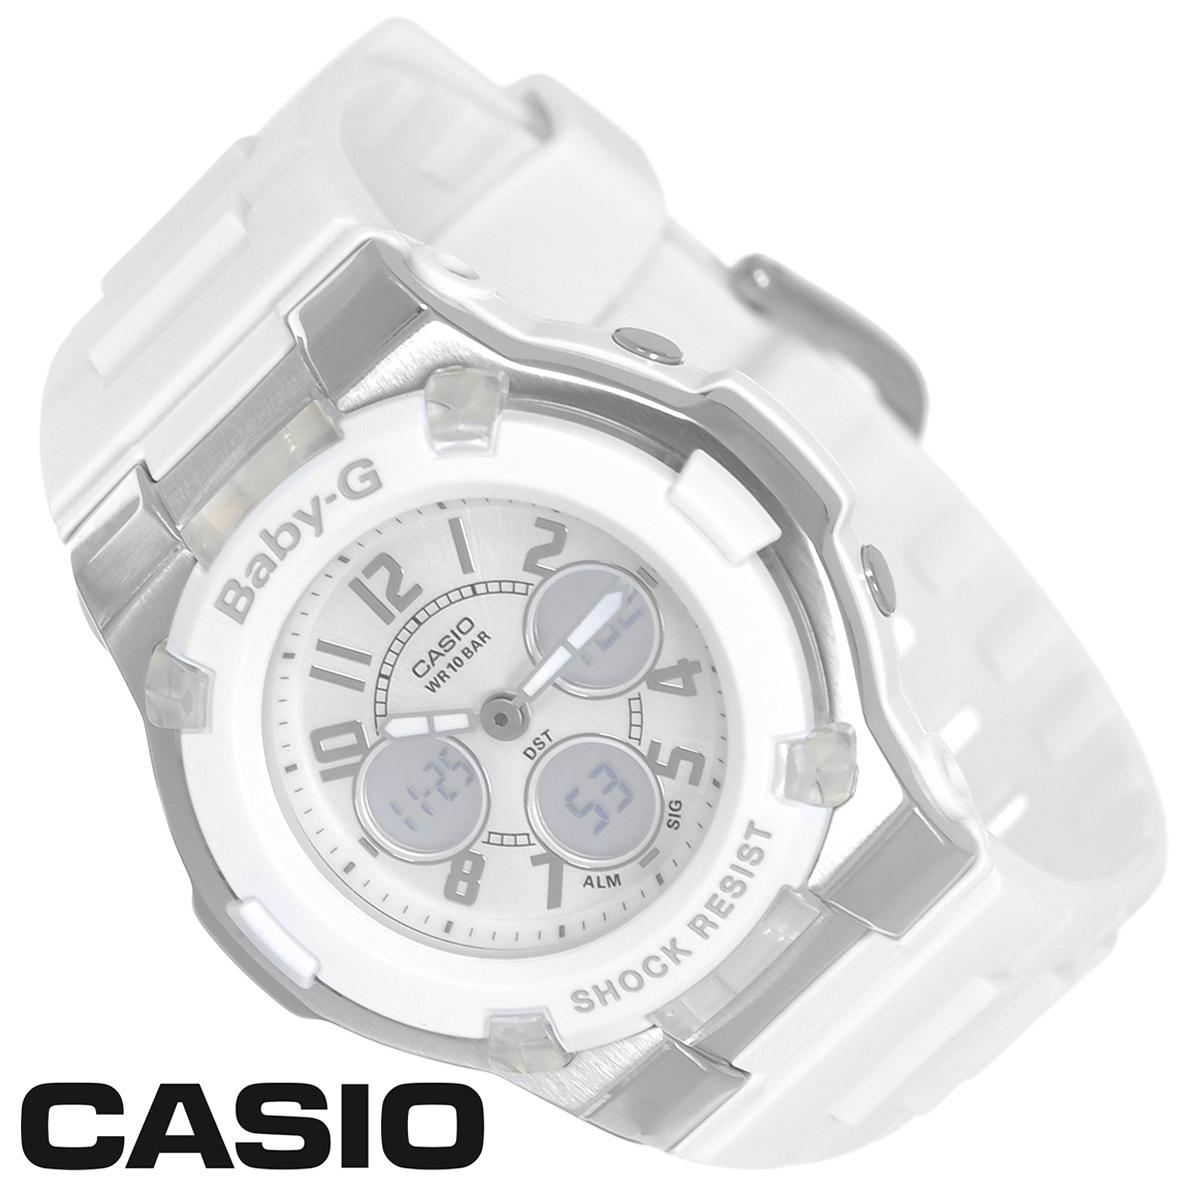 Часы женские наручные Casio Baby-G, цвет: белый, серебристый. BGA-110-7BBGA-110-7BСтильные многофункциональные часы Baby-G от японского брэнда Casio - это яркий функциональный аксессуар для современных людей, которые стремятся выделиться из толпы и подчеркнуть свою индивидуальность. Часы выполнены в спортивном стиле.Часы оснащены японским кварцевым механизмом. Часы имеют ударопрочную конструкцию, защищающую механизм от ударов и вибрации. Циферблат с безельными протекторами оснащен двумя стрелками и подсвечивается светодиодом. Ремешок из мягкого пластика застегивается на классическую застежку.Основные функции: - 5 будильников, один с функцией повтора сигнала (чтобы отложить пробуждение), ежечасный сигнал; - сплит-хронограф; - автоматический календарь (число, месяц, день недели, год); - секундомер с точностью показаний 1/100 с, время измерения 60 мин; - 12-ти и 24-х часовой формат времени; - таймер обратного отсчета от 1 мин до 24 ч с автоповтором; - функция включения/отключения звука; - мировое время.Часы упакованы в фирменную коробку с логотипом Casio. Такой аксессуар добавит вашему образу стиля и подчеркнет безупречный вкус своего владельца. Характеристики:Диаметр циферблата: 2,4 см.Размер корпуса: 4,4 см х 4 см х 1,3 см.Длина ремешка (с корпусом): 21,5 см.Ширина ремешка: 1,8 см. STAINLESS STELL BACK JAPAN MOVT Y CASED IN CHINA.